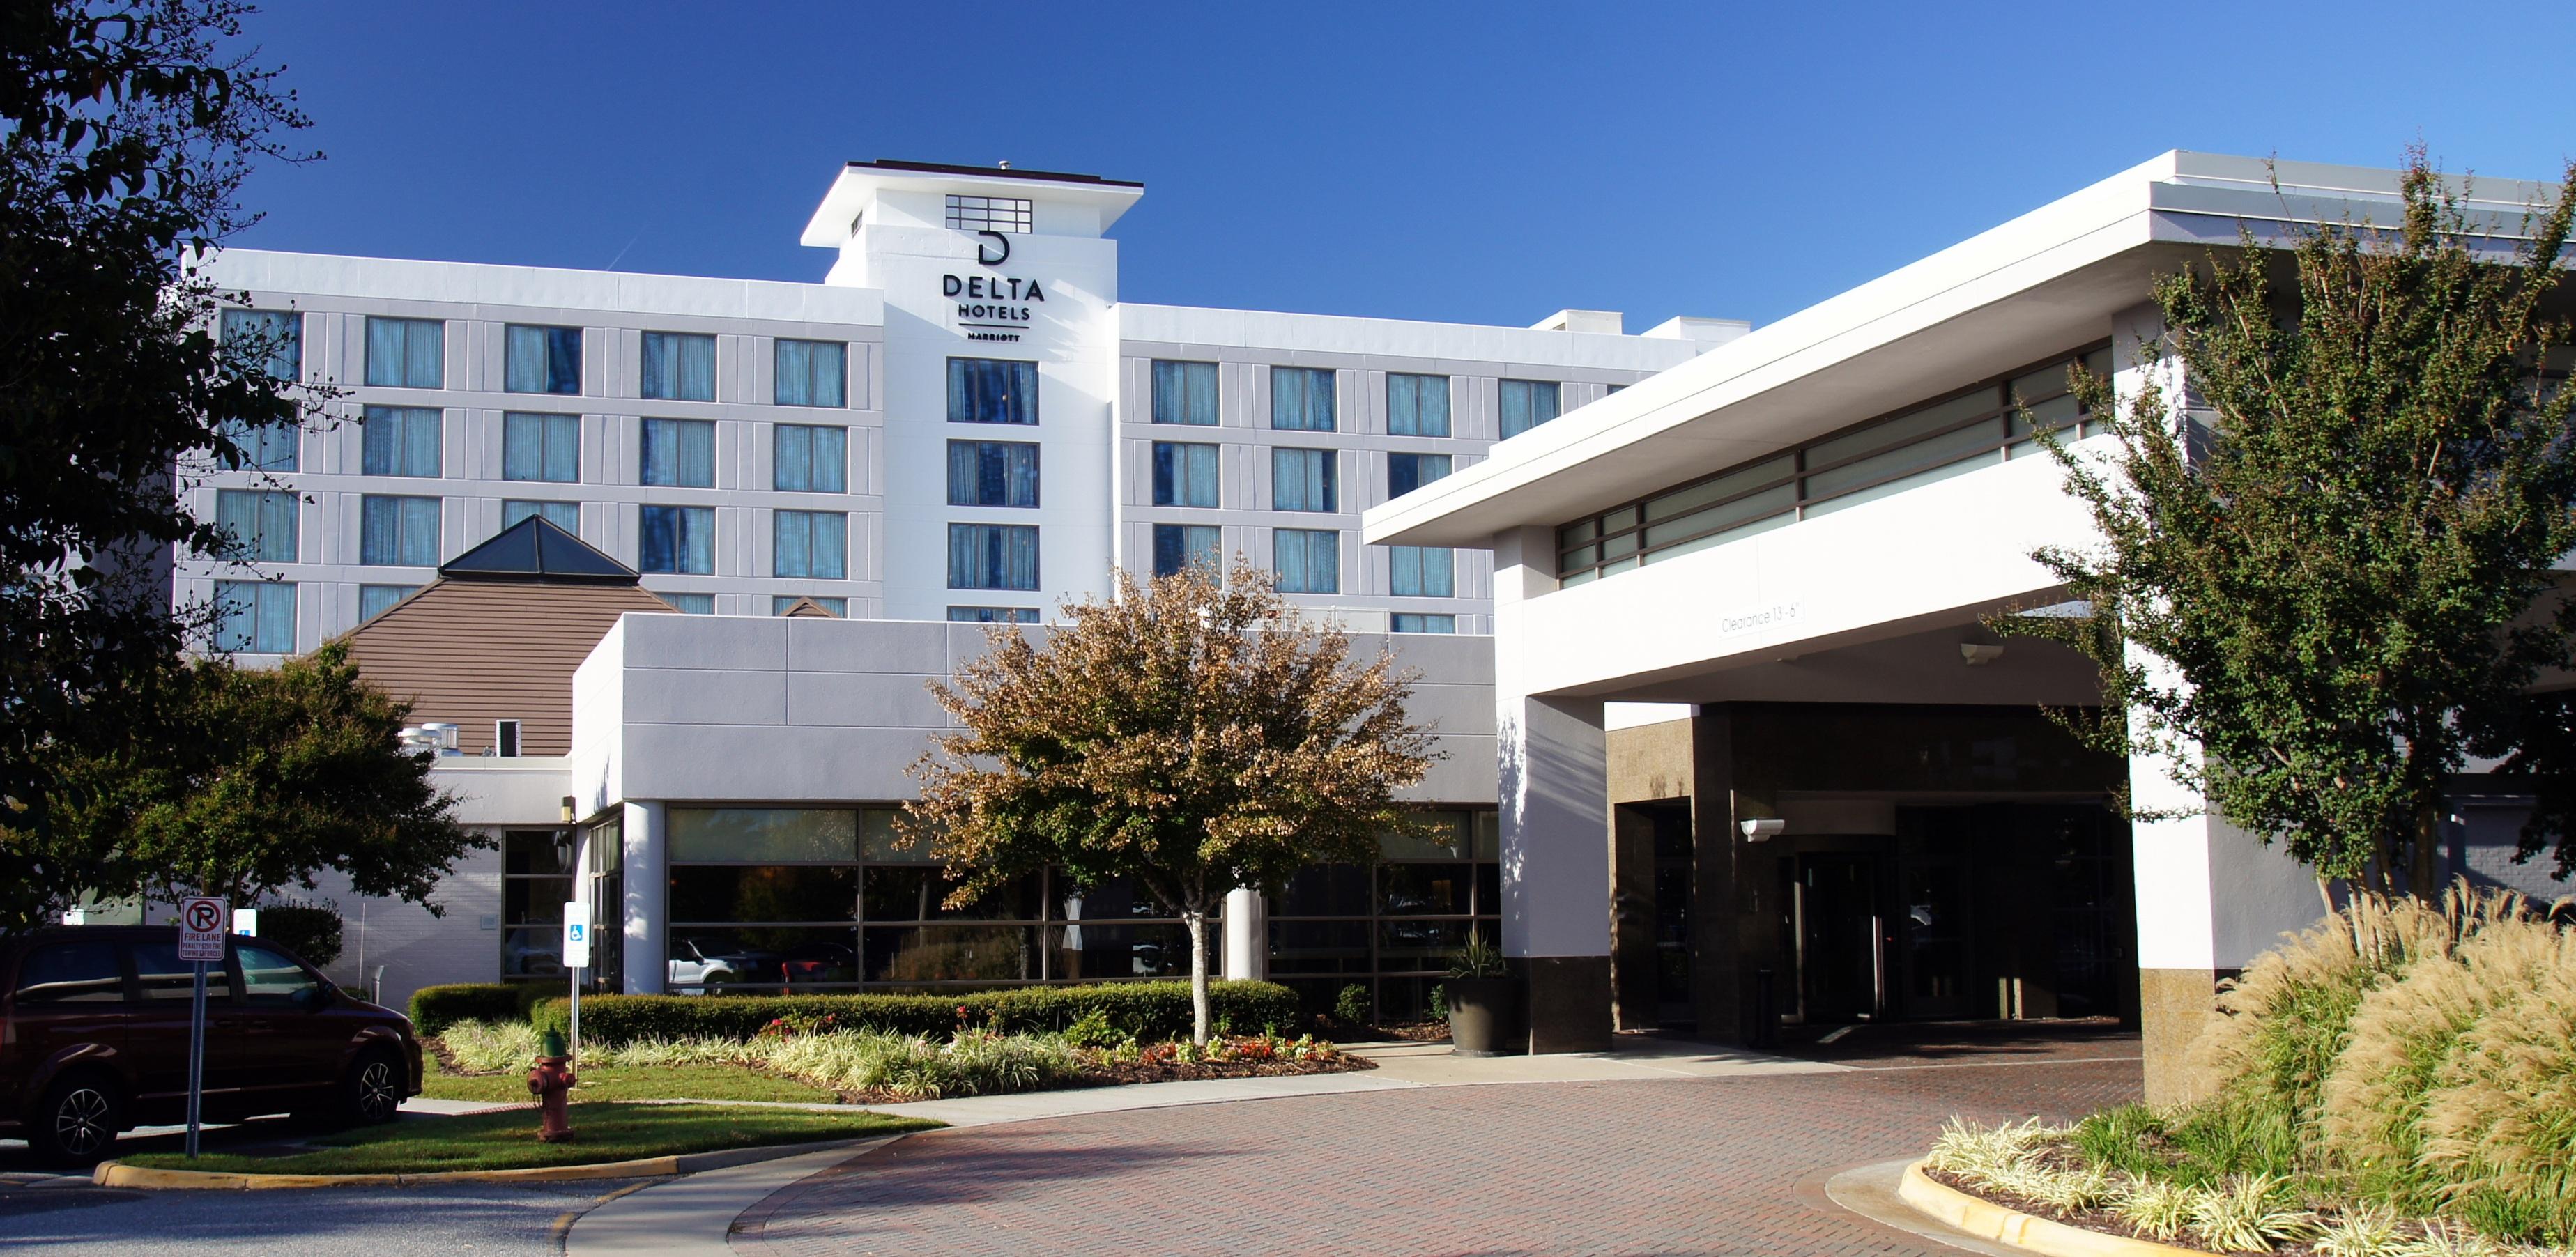 Hotels Near Virginia Beach